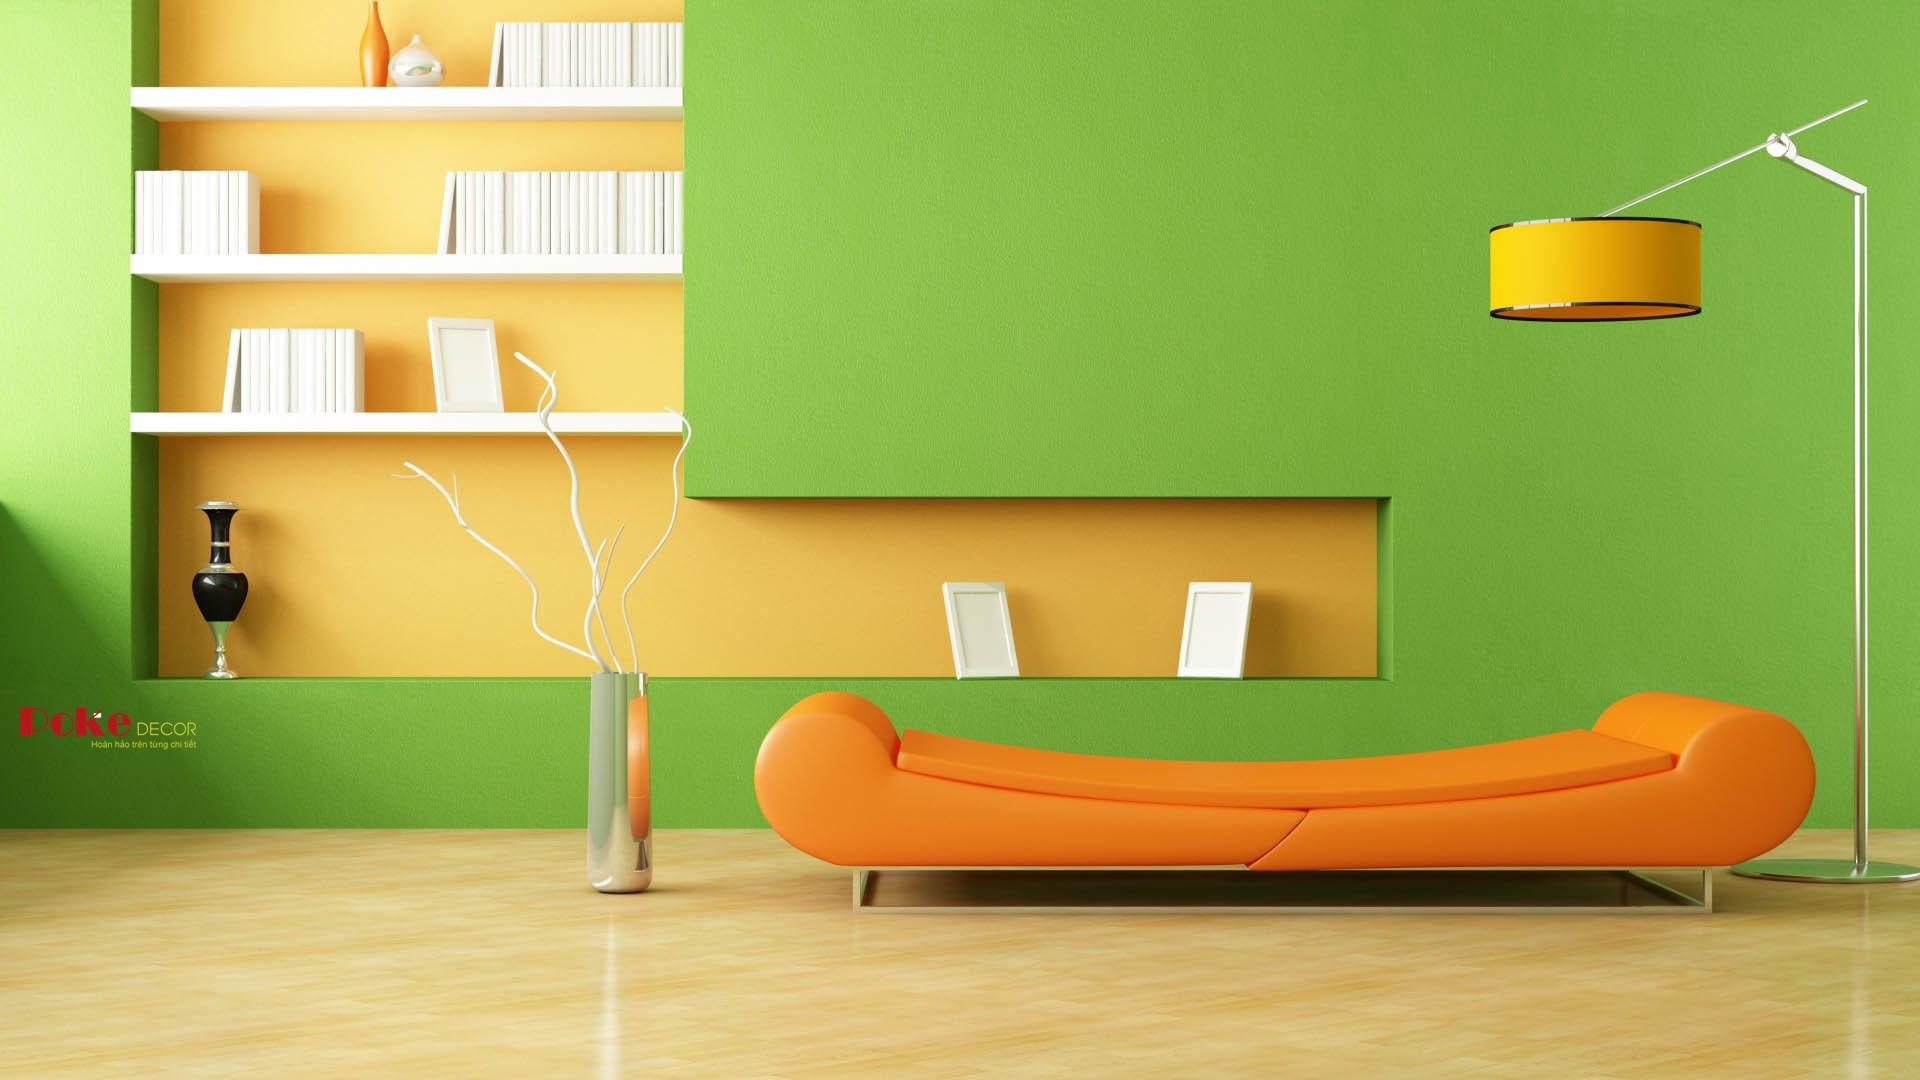 Thiết kế nội thất biệt thự hiện đại đẹp, sang trọng